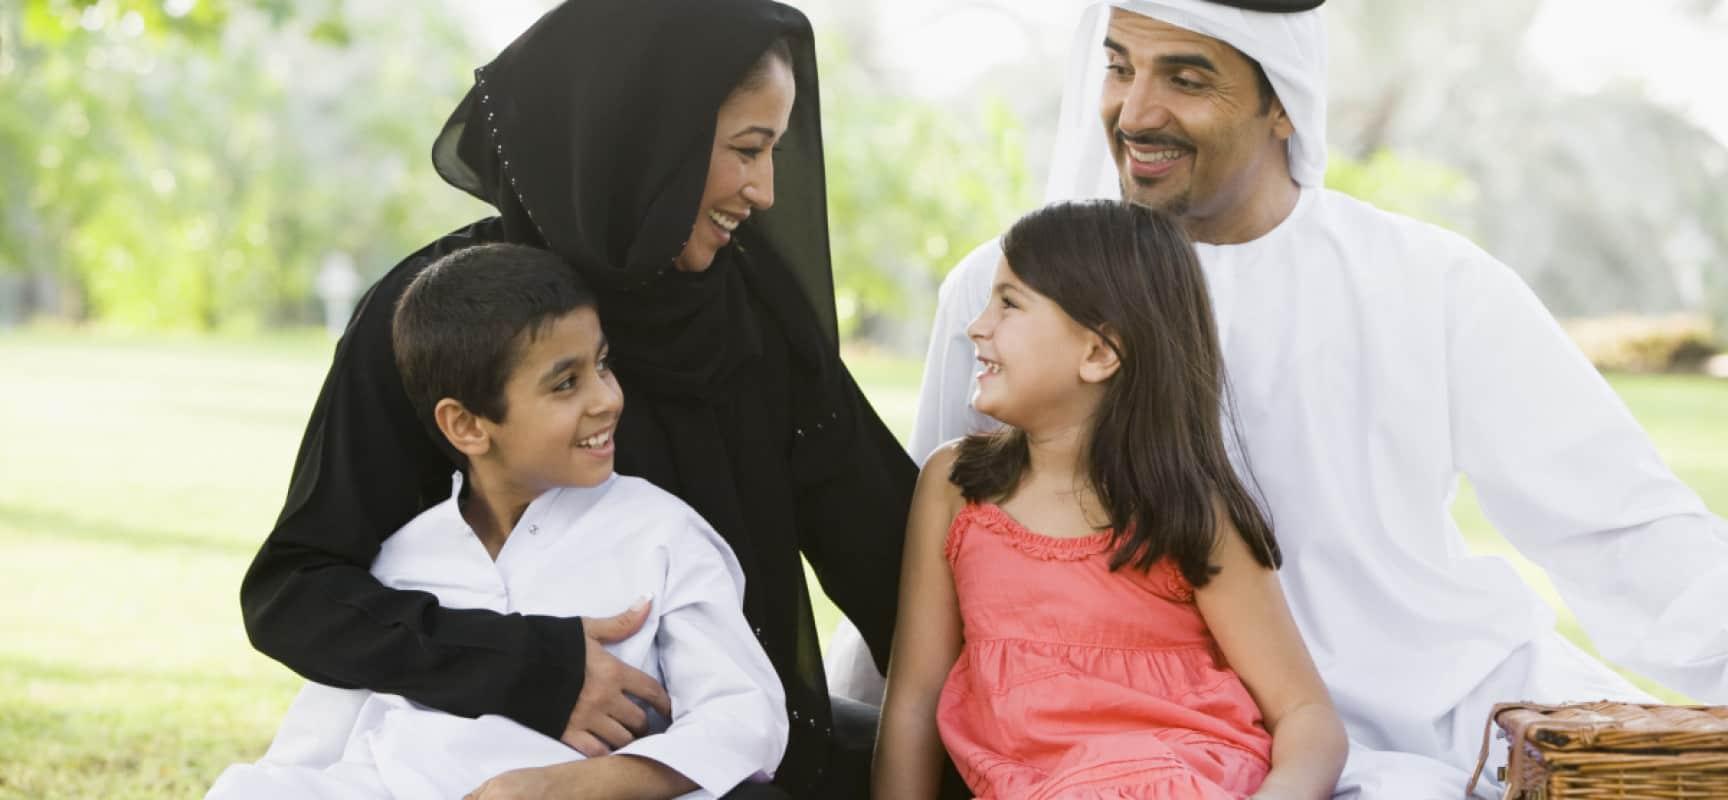 نصائح علمية لتربية الأطفال